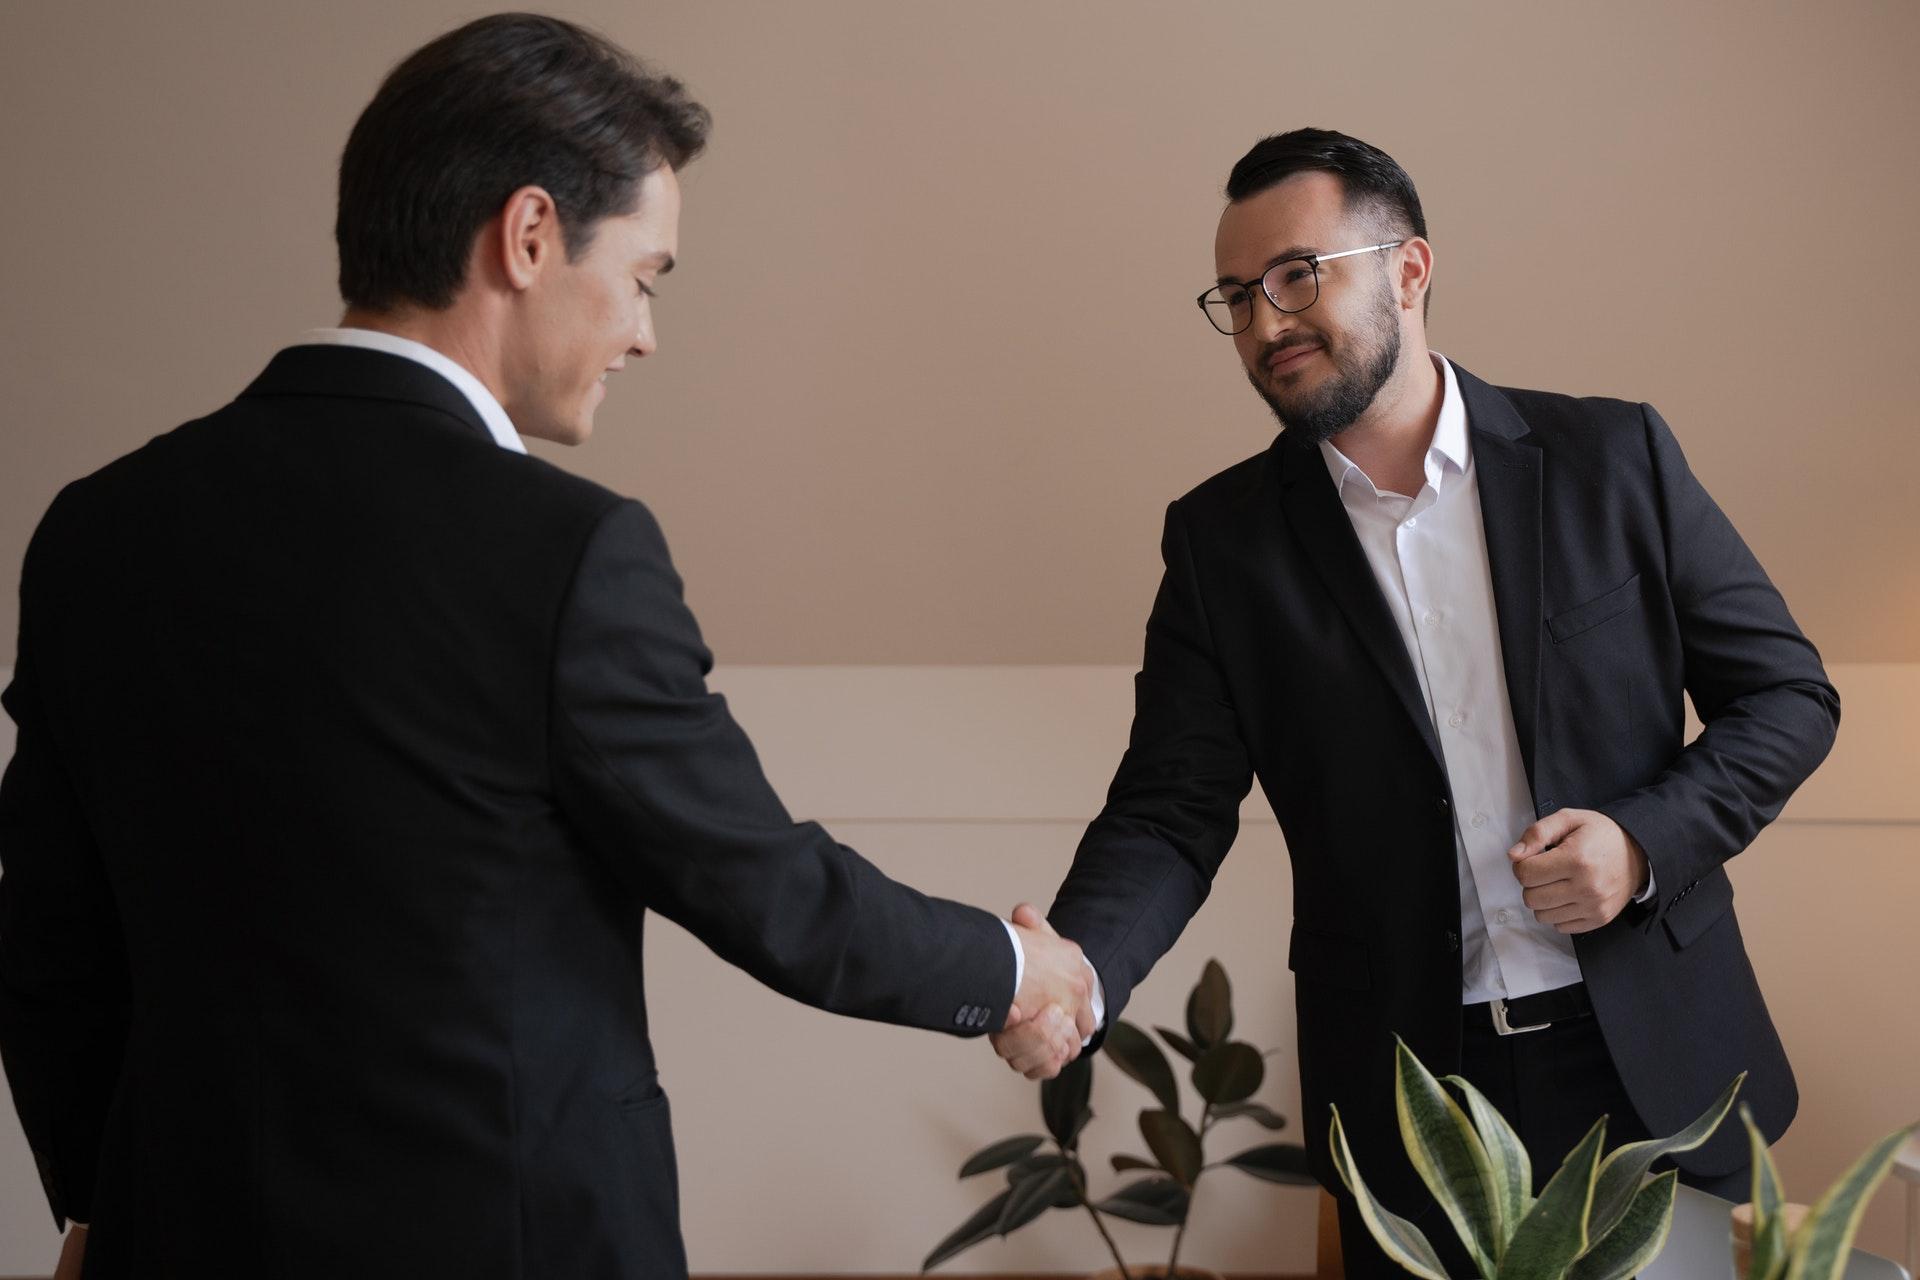 dois homens se cumprimentando com um aperto de mãos